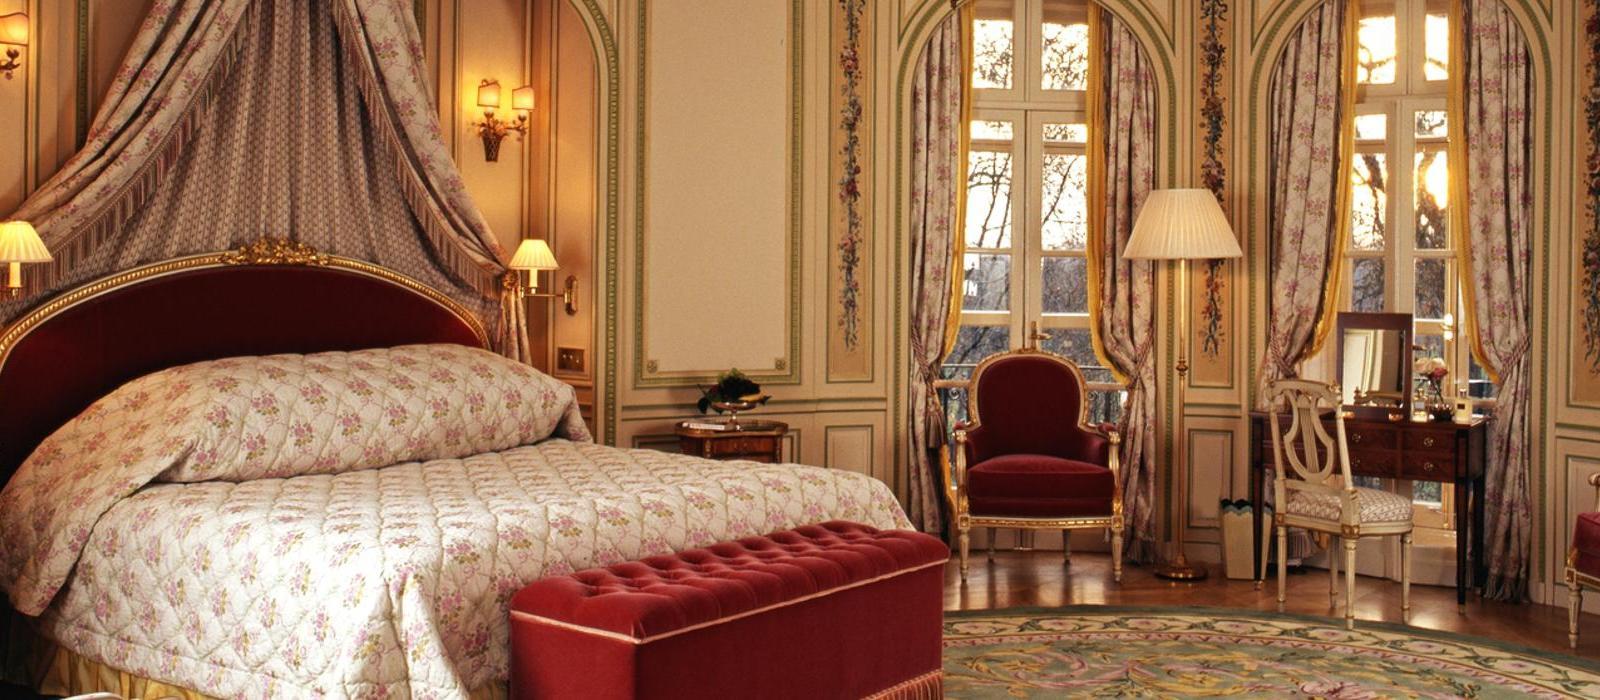 伦敦丽兹酒店(The Ritz London) 皇家套房图片  www.lhw.cn